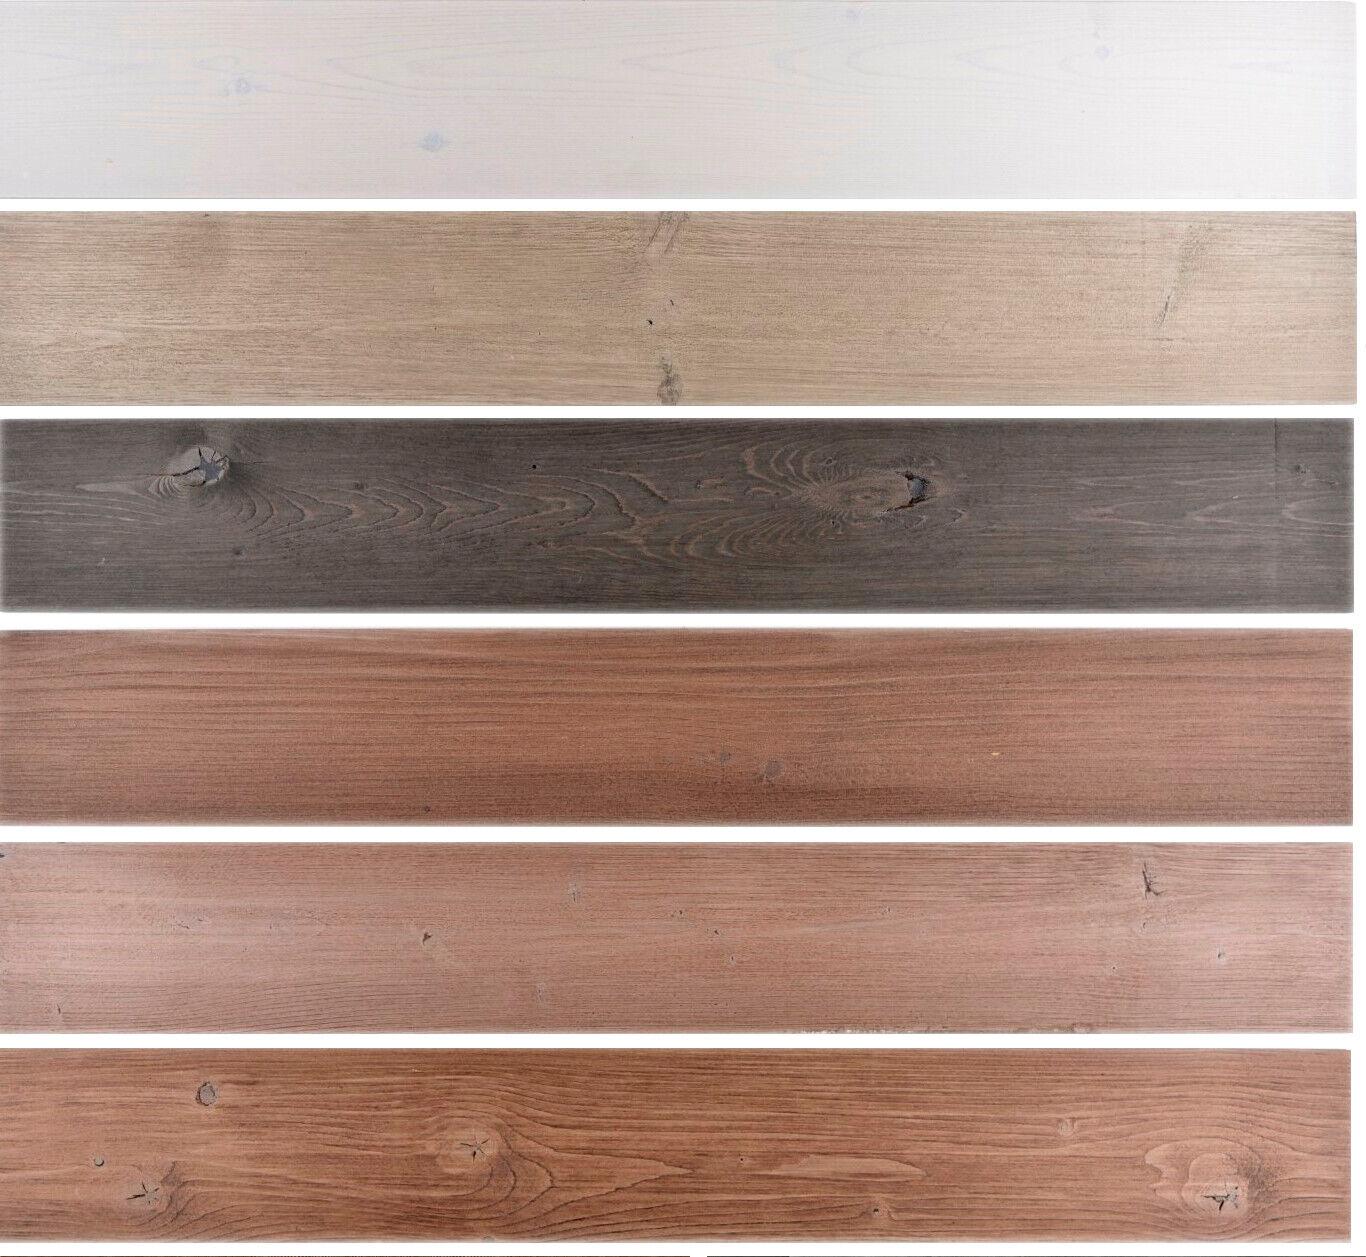 Detalles de Muro de madera manta revestimiento verblender autoadhesivas de  cocina muro panela enchapado- ver título original